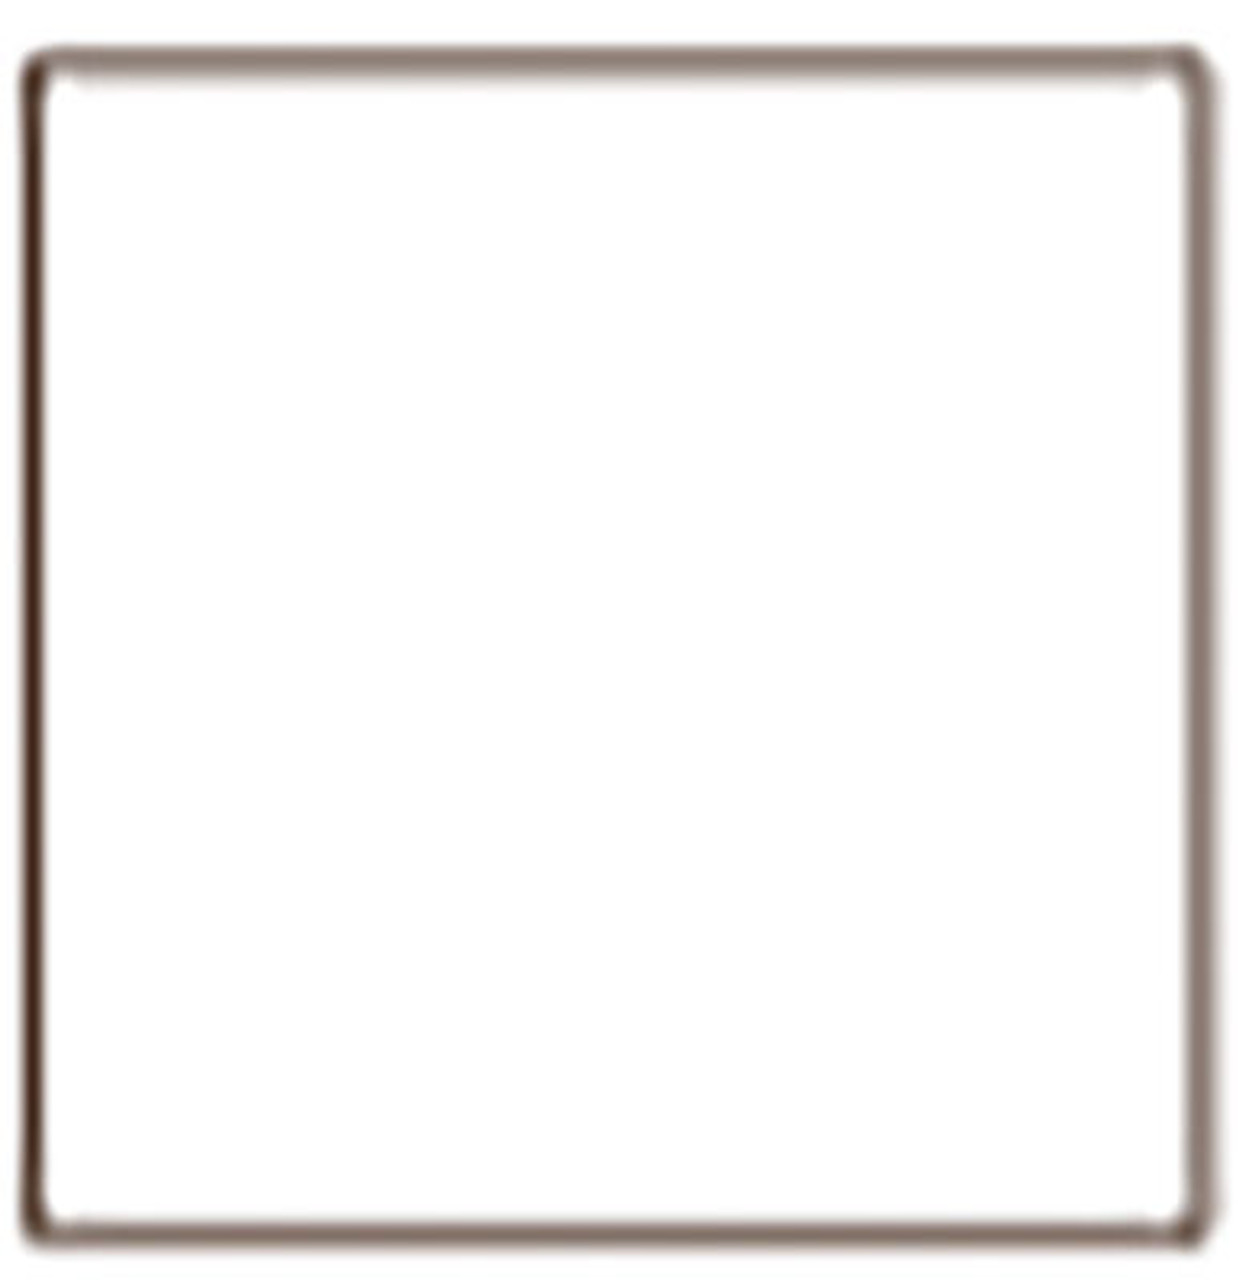 709-5 True Color Paint Railroad Color Acrylic Paints - 1oz 29.6mL -- White 1oz  (Scale=ALL)  Part#709-5